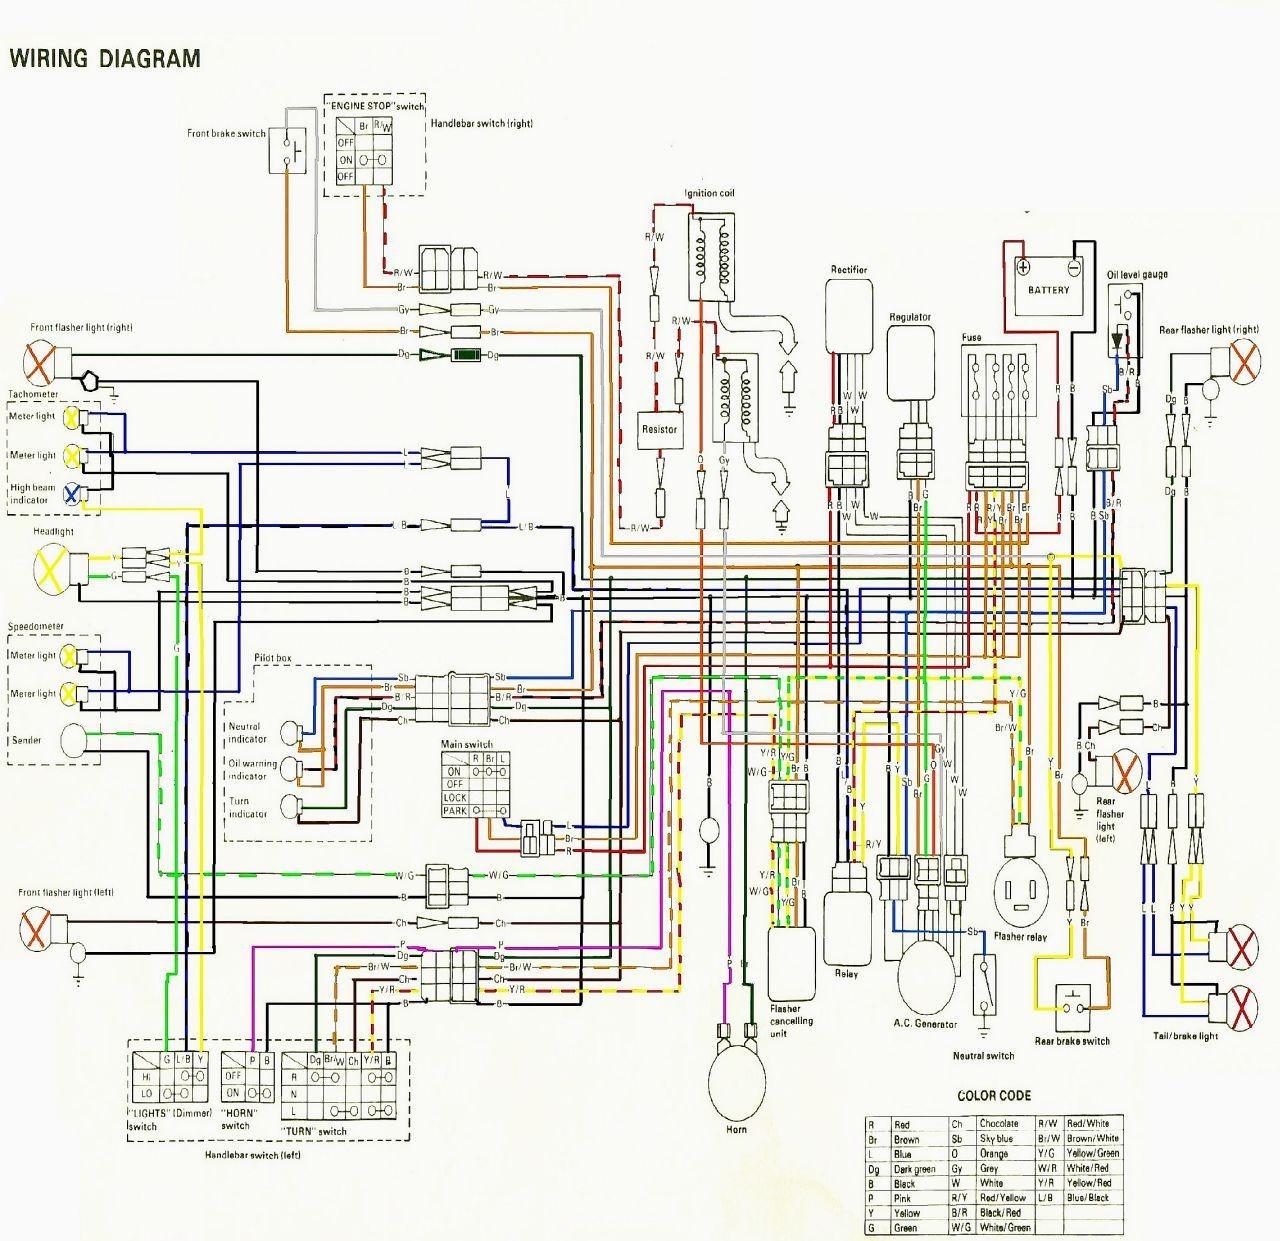 Yamaha Banshee Wiring Harness Diagram | Wiring Diagram on